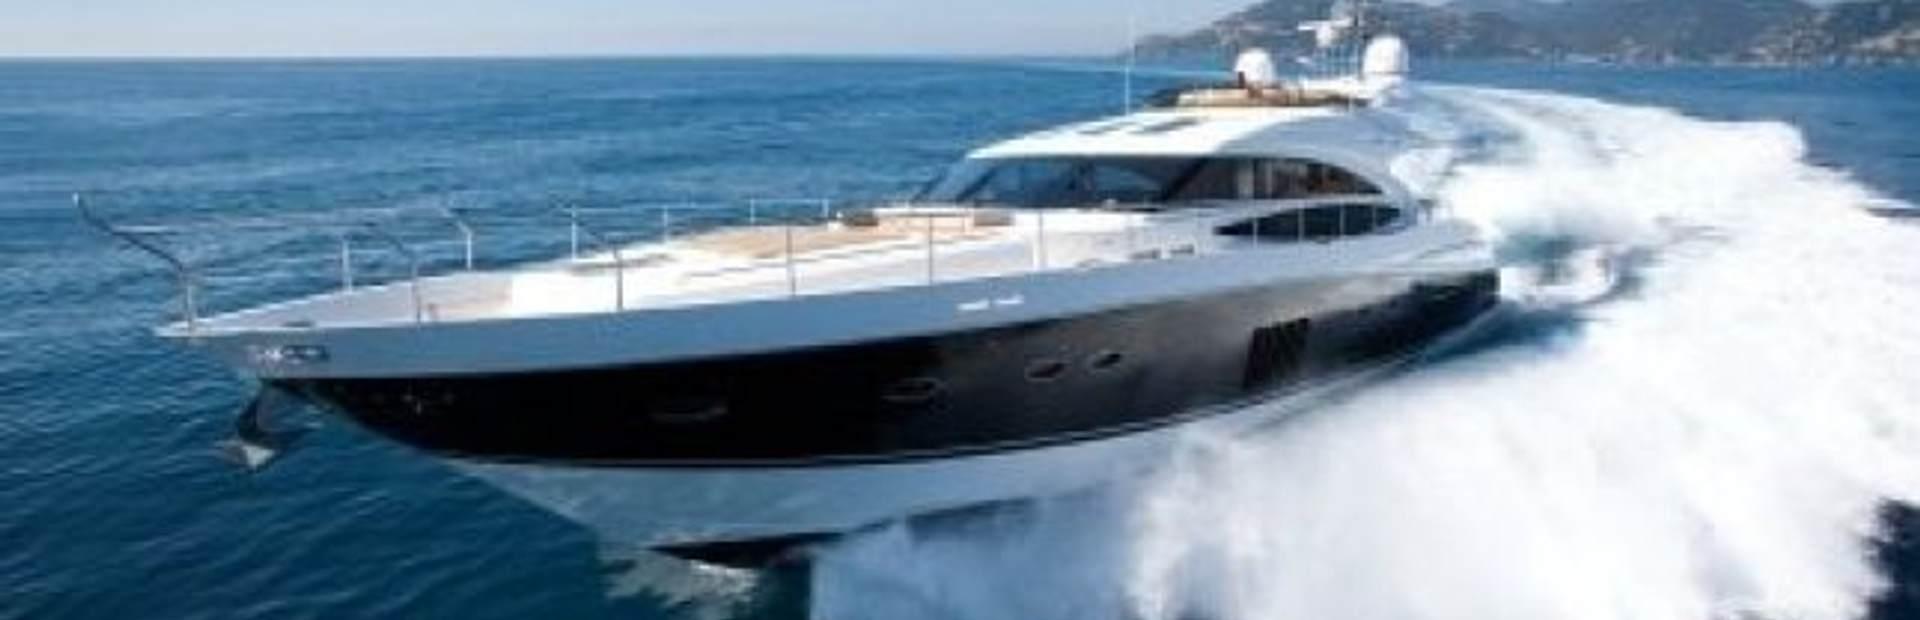 Princess V85 Yacht Charter